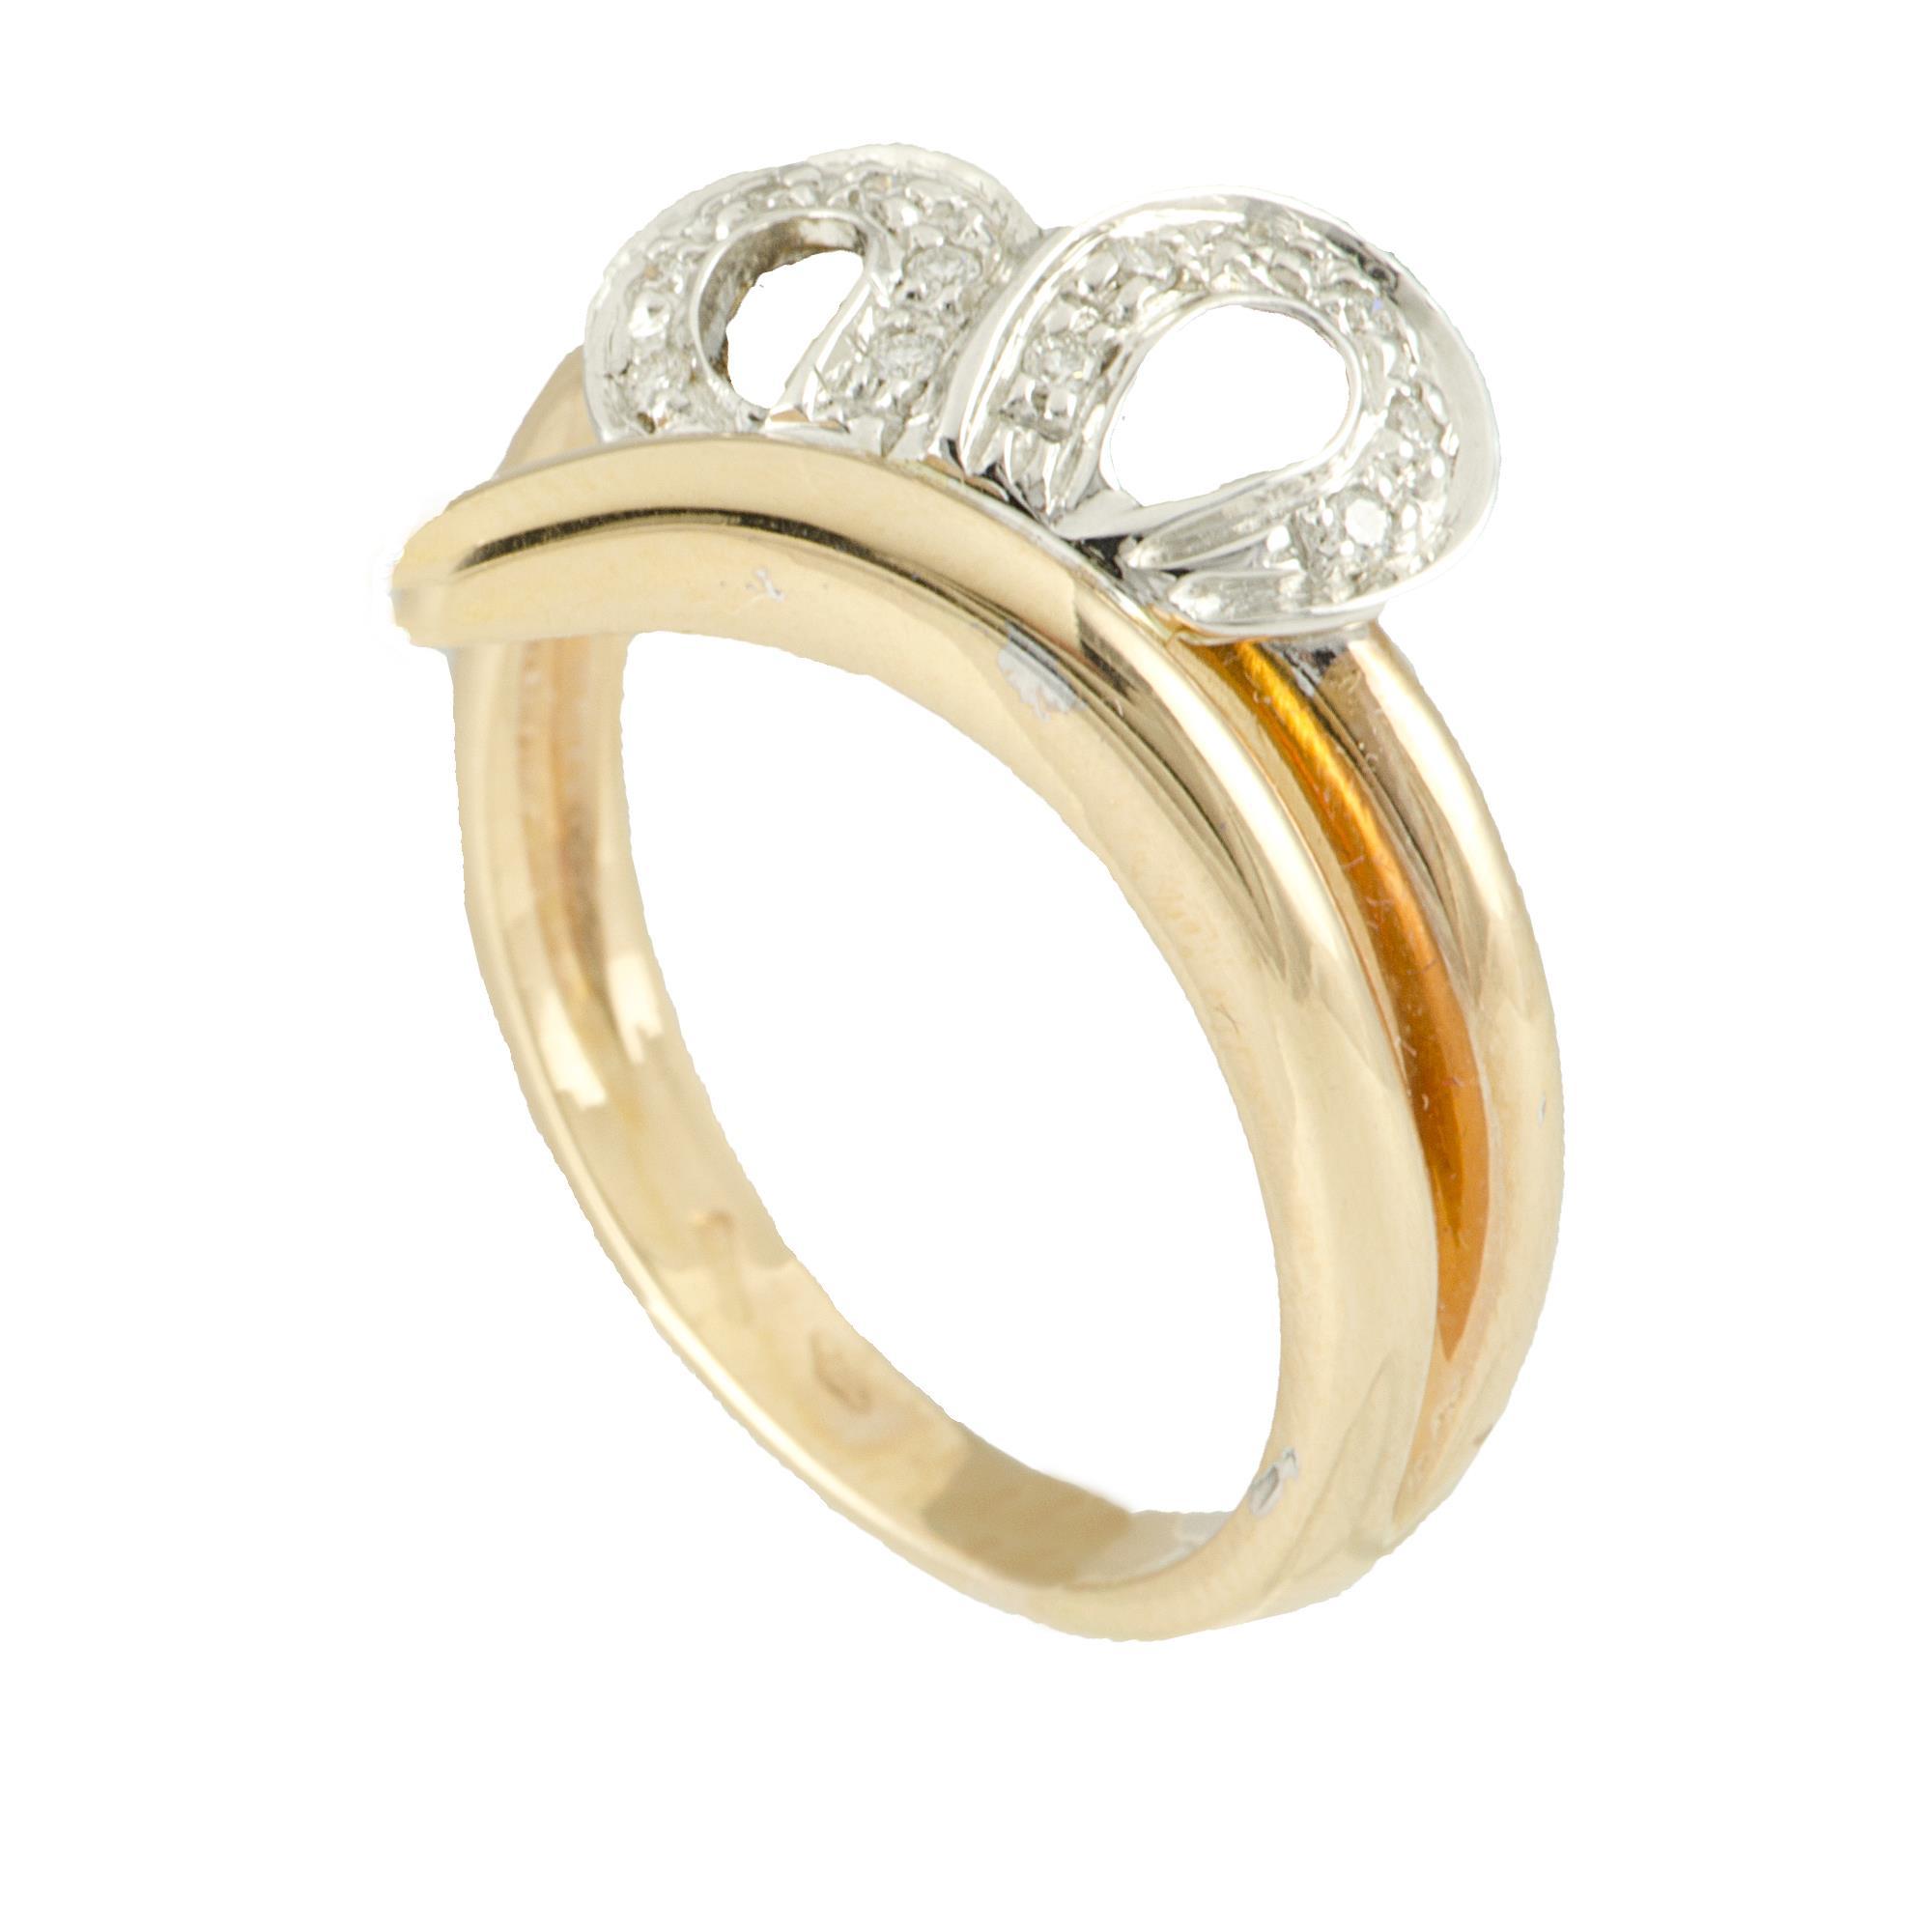 Anello in oro bianco e oro rosso con diamanti ct 0,08 - ALFIERI & ST. JOHN